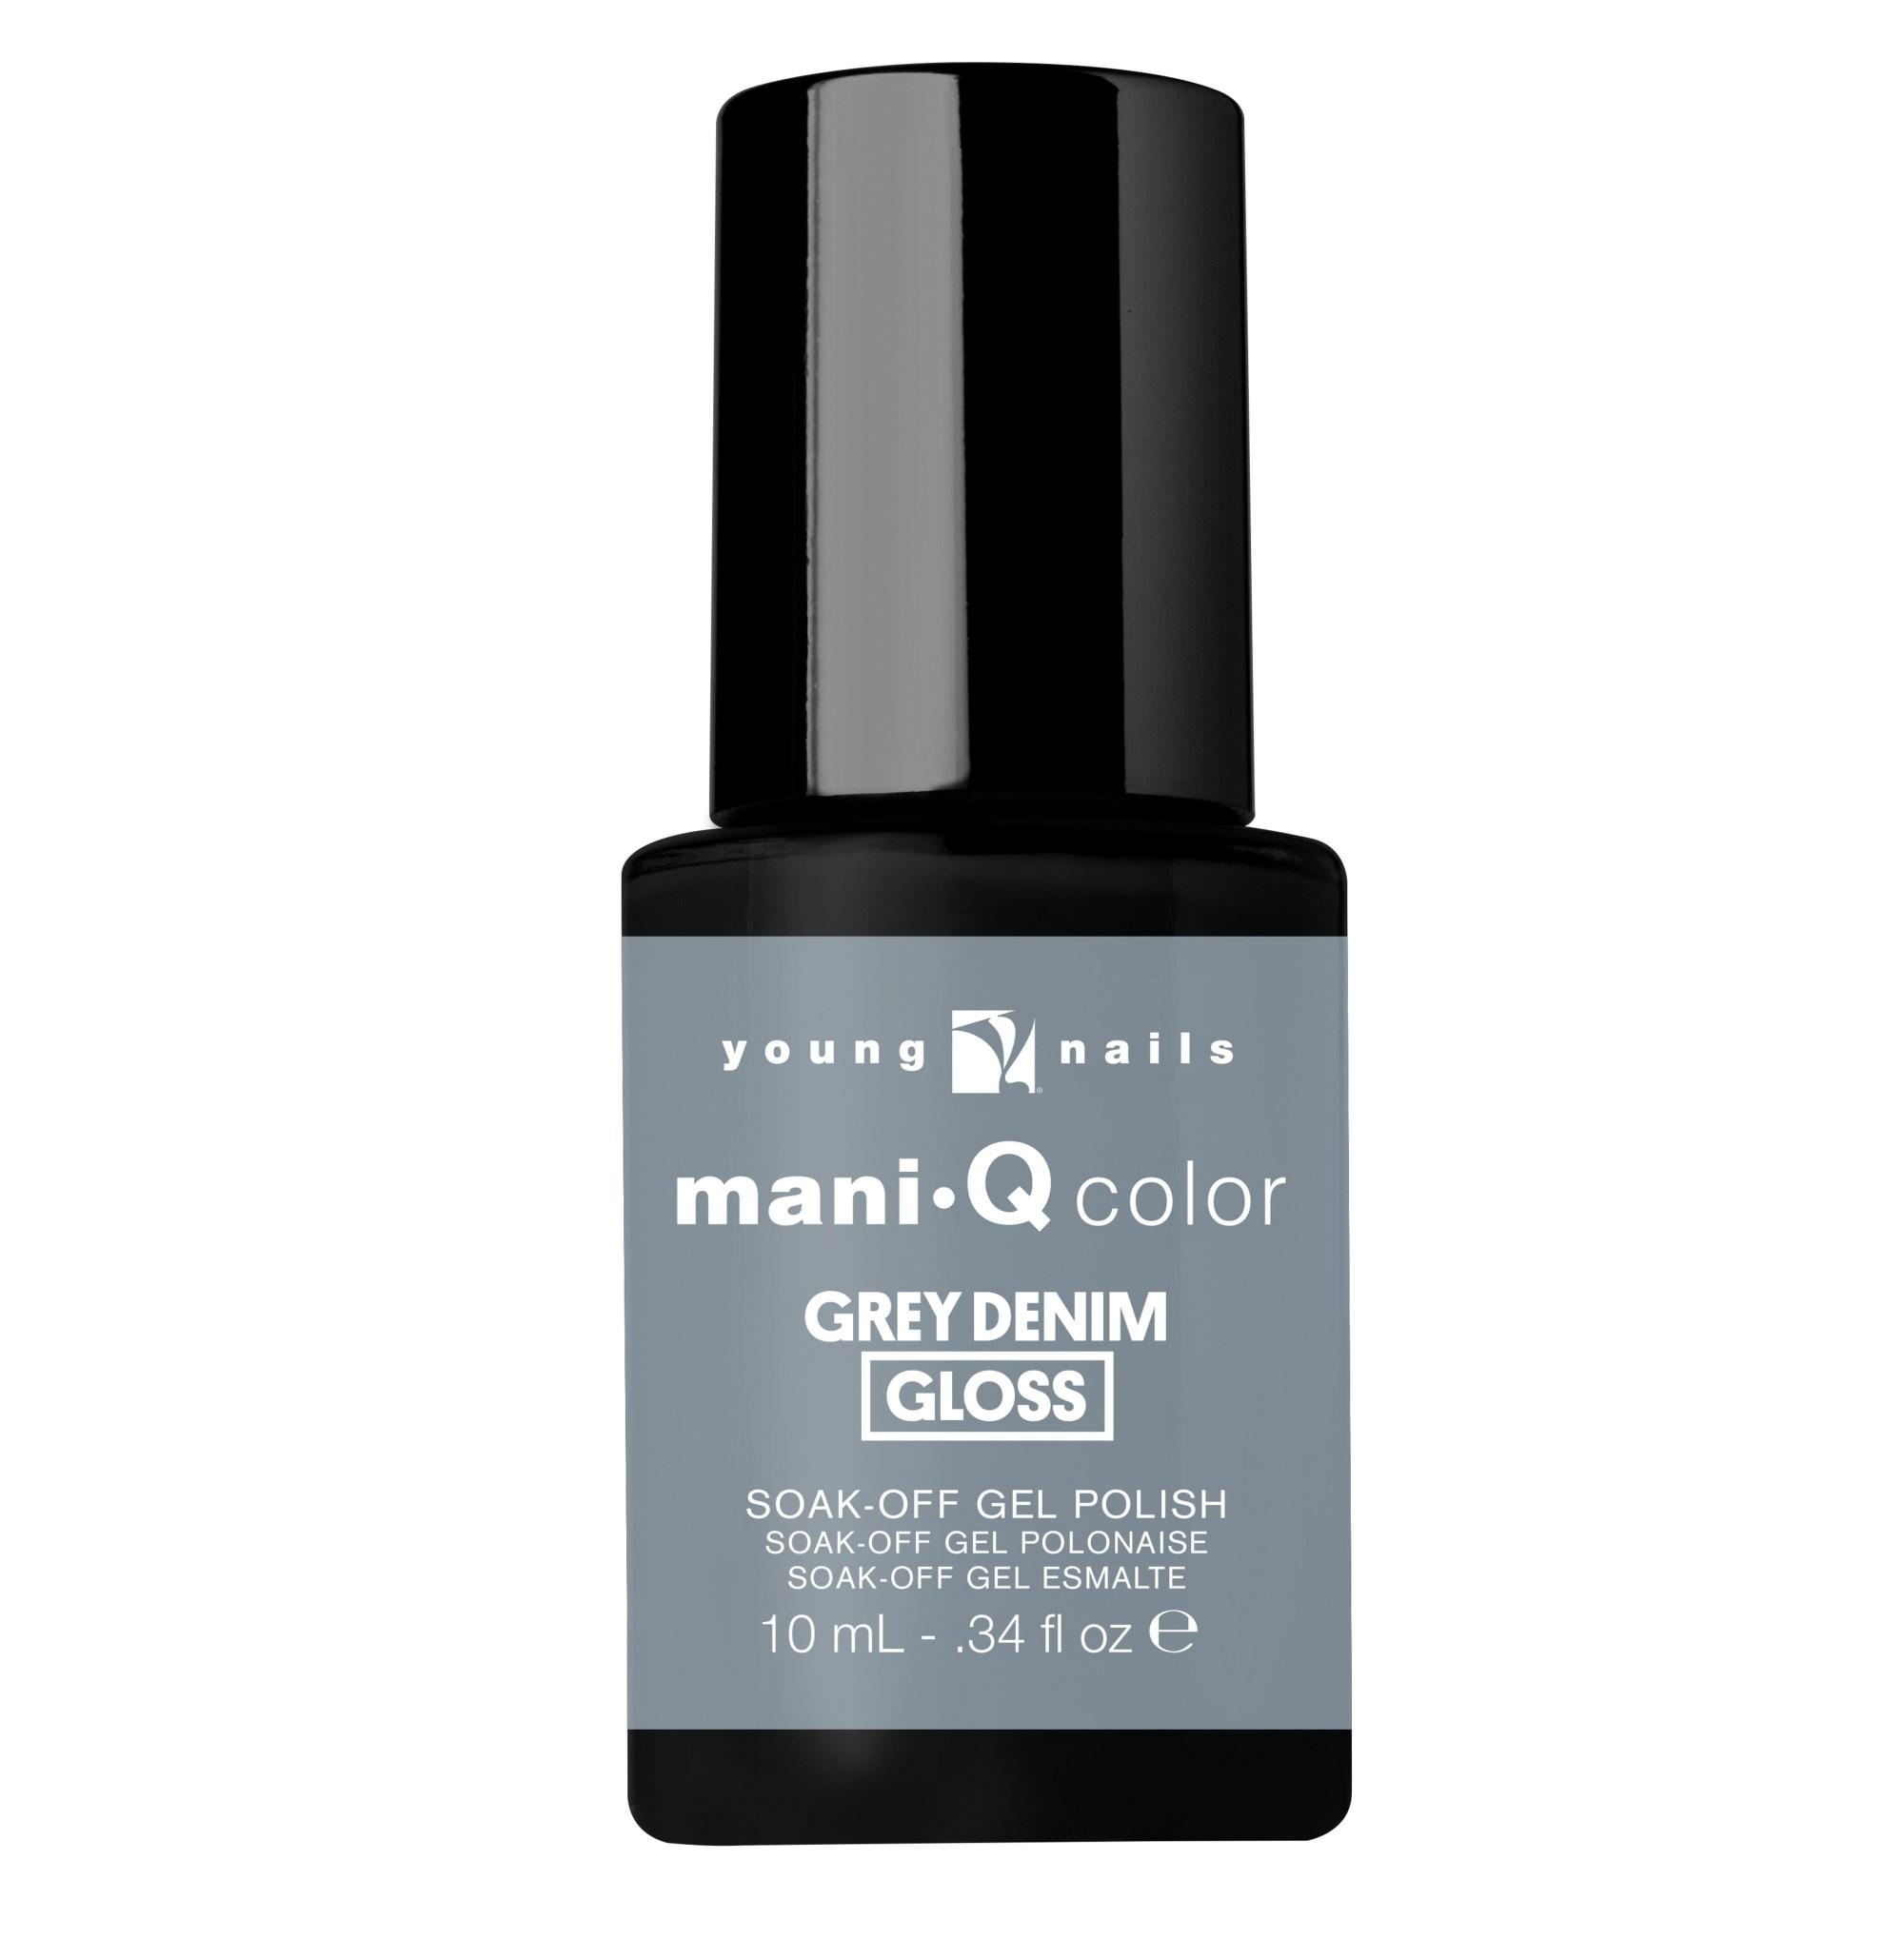 maniQ Grey Denim